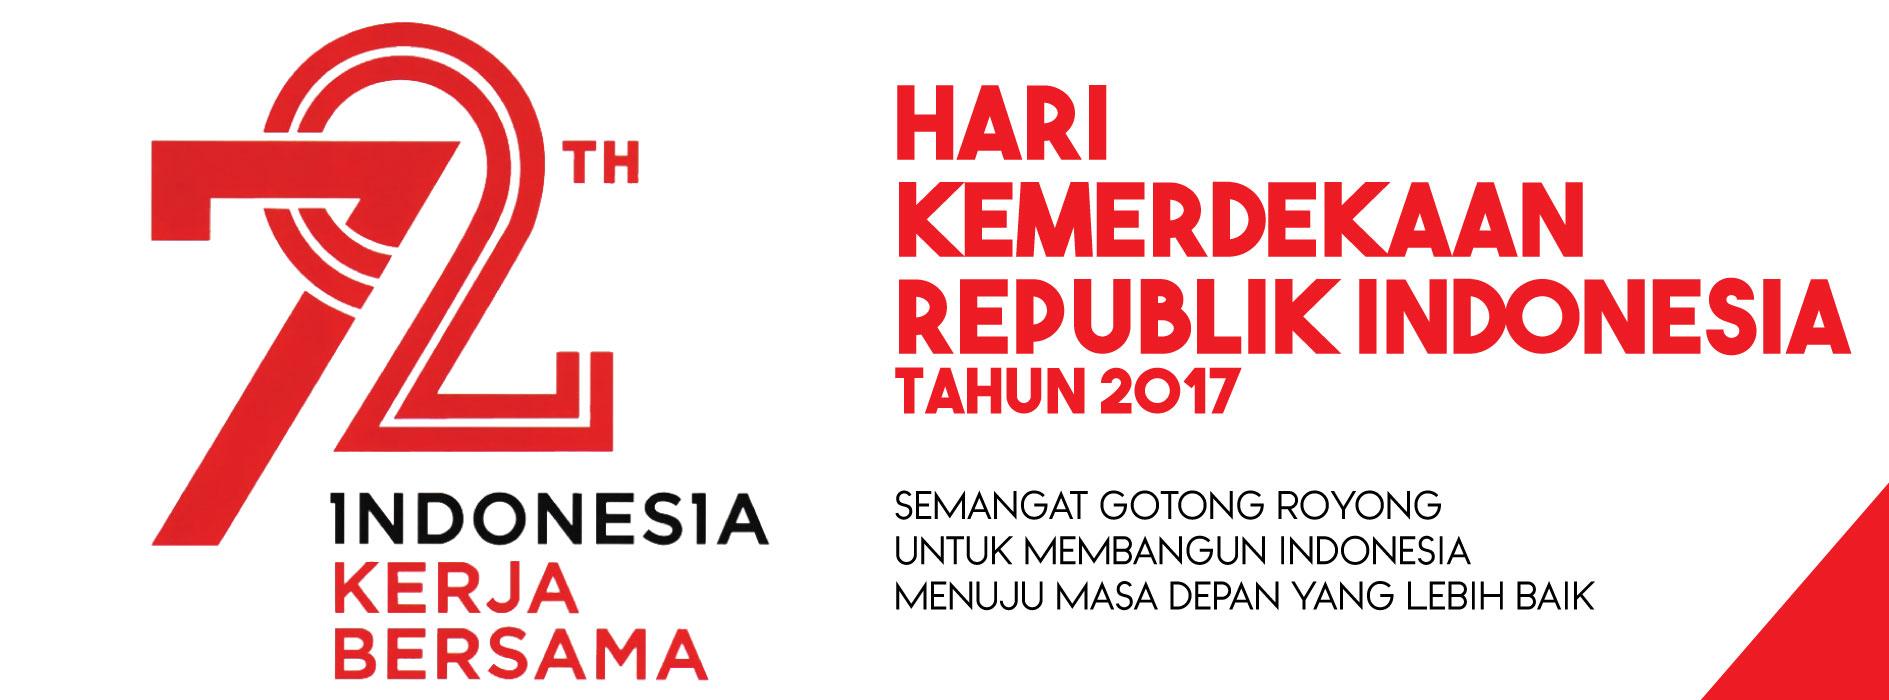 Hari Kemerdekaan Republik Indonesia 2017 ke 72. Sekolah Tirtamarta-BPK Penabur